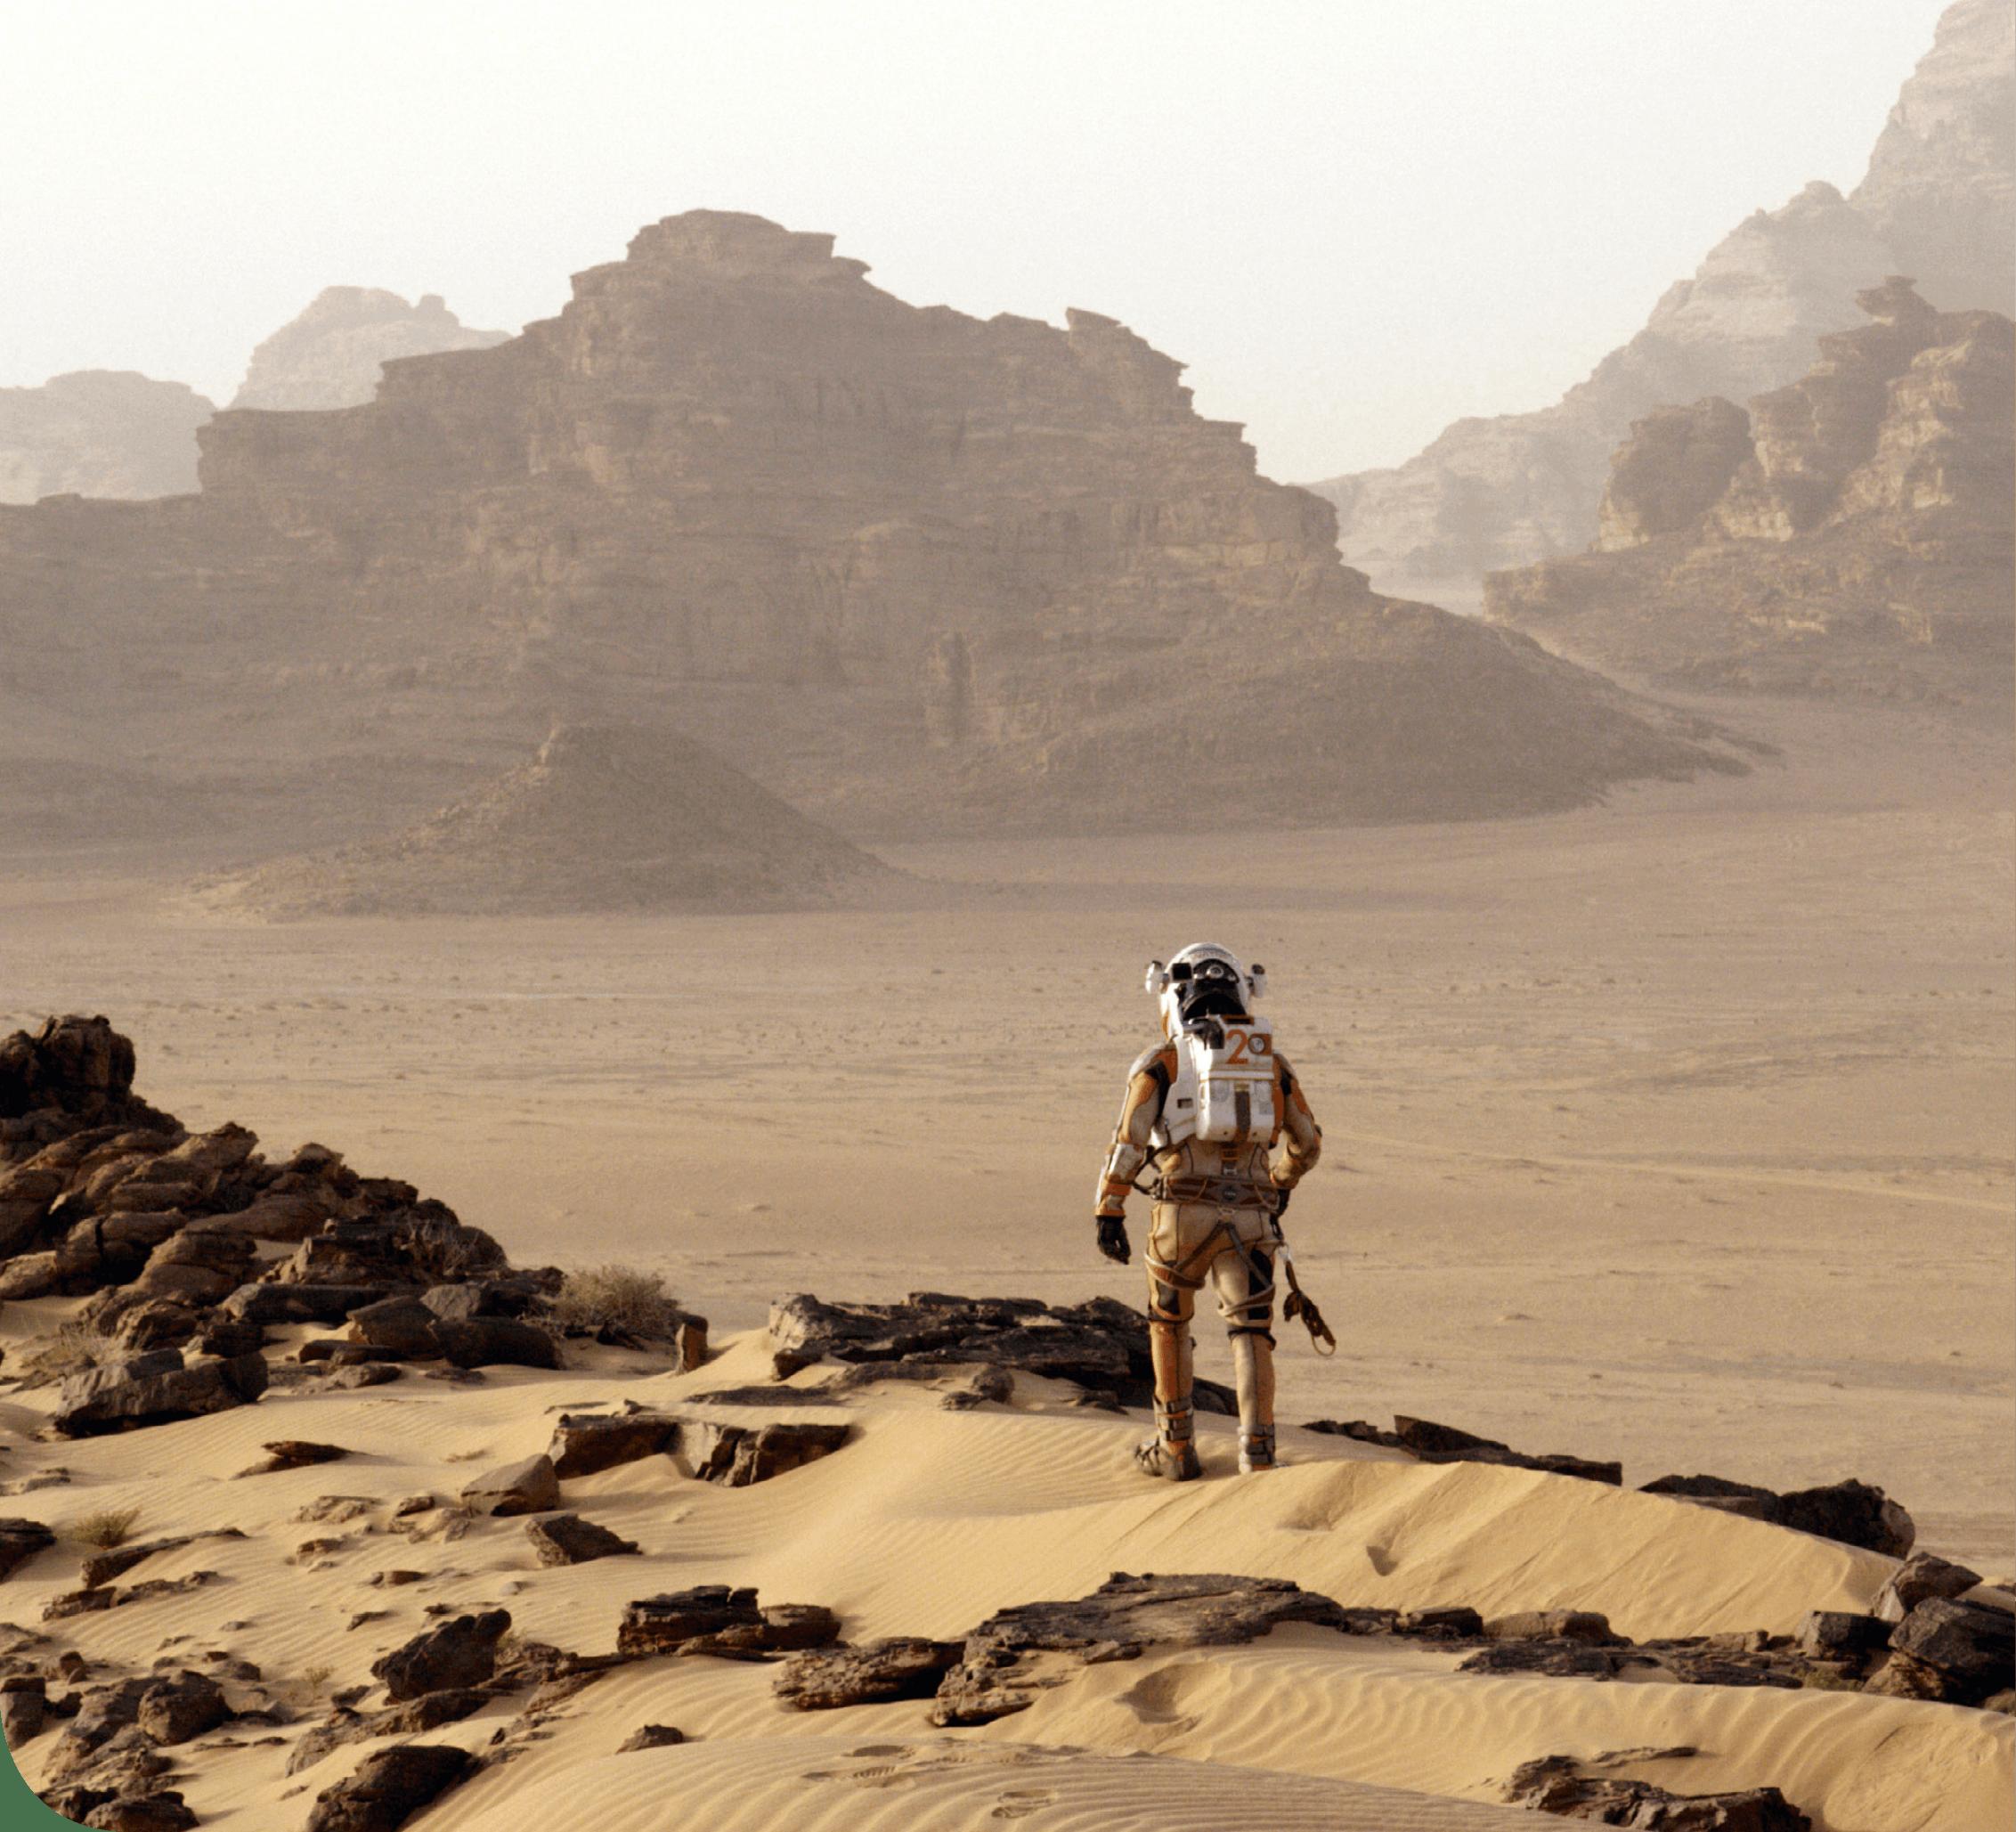 Mouvement dans un champ de gravitation - Mars - Ouverture